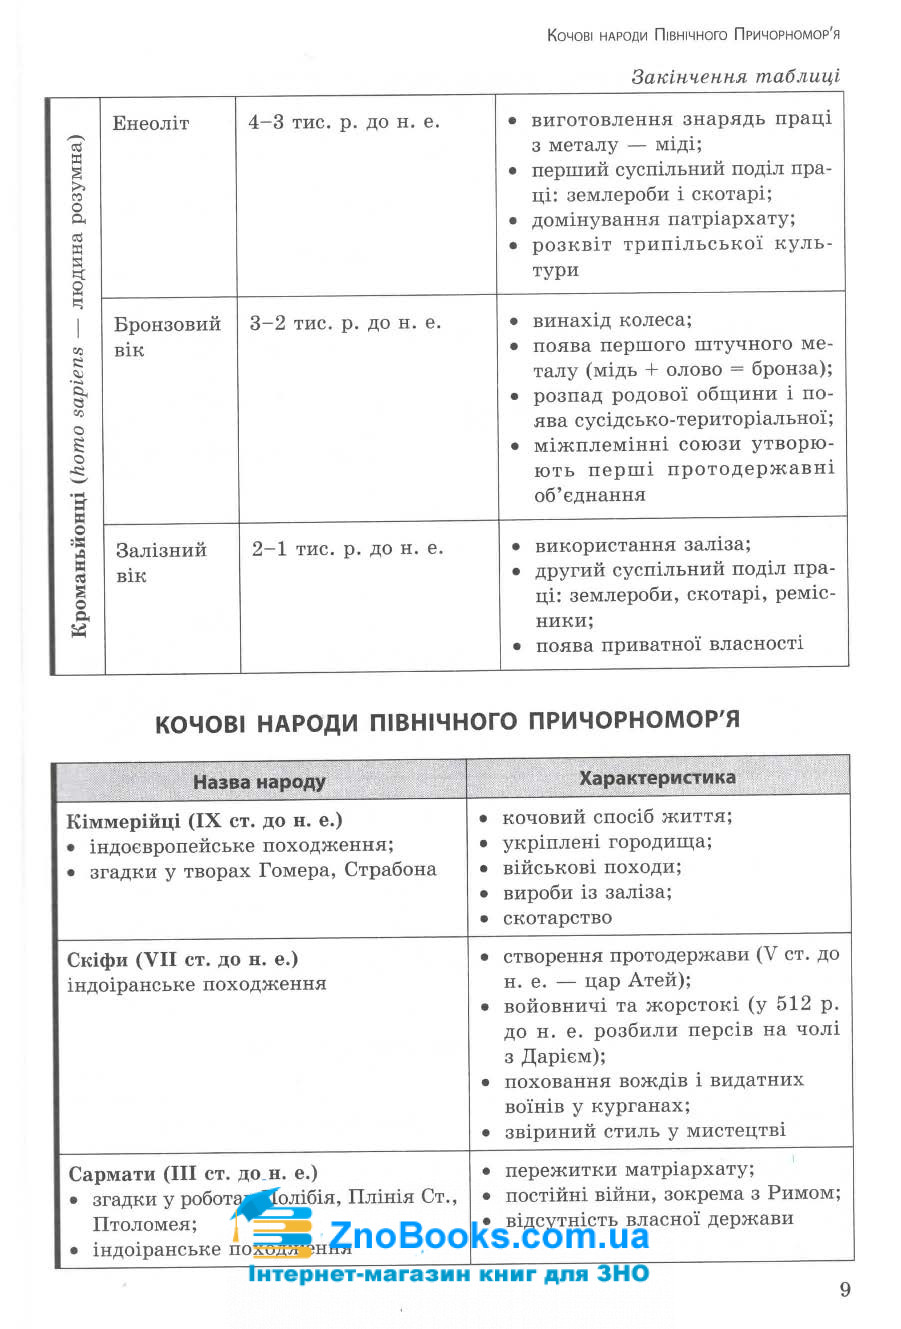 Експрес-підготовка до ЗНО. Історія України : Дедурін Г. Асса. купити 9